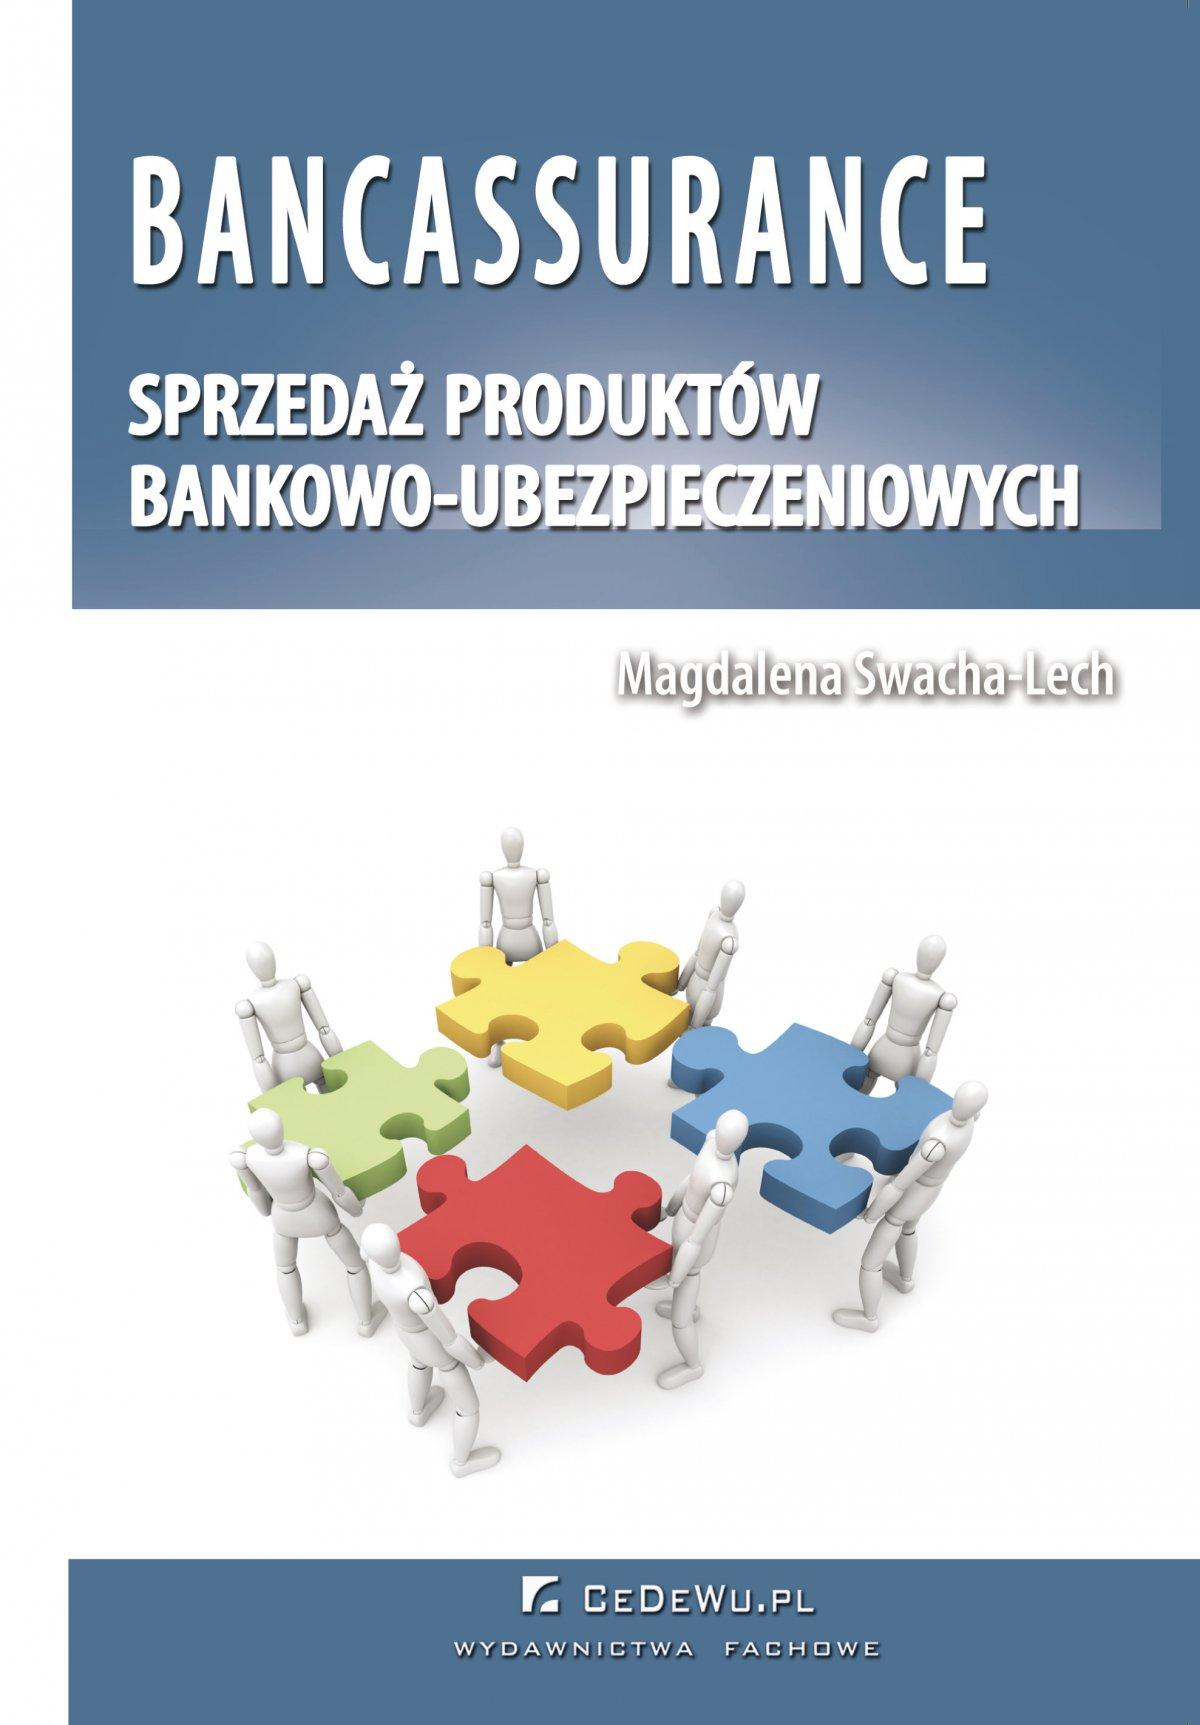 Bancassurance. Sprzedaż produktów bankowo-ubezpieczeniowych. Rozdział 1. Powiązania banków komercyjnych z firmami ubezpieczeniowymi - Ebook (Książka PDF) do pobrania w formacie PDF